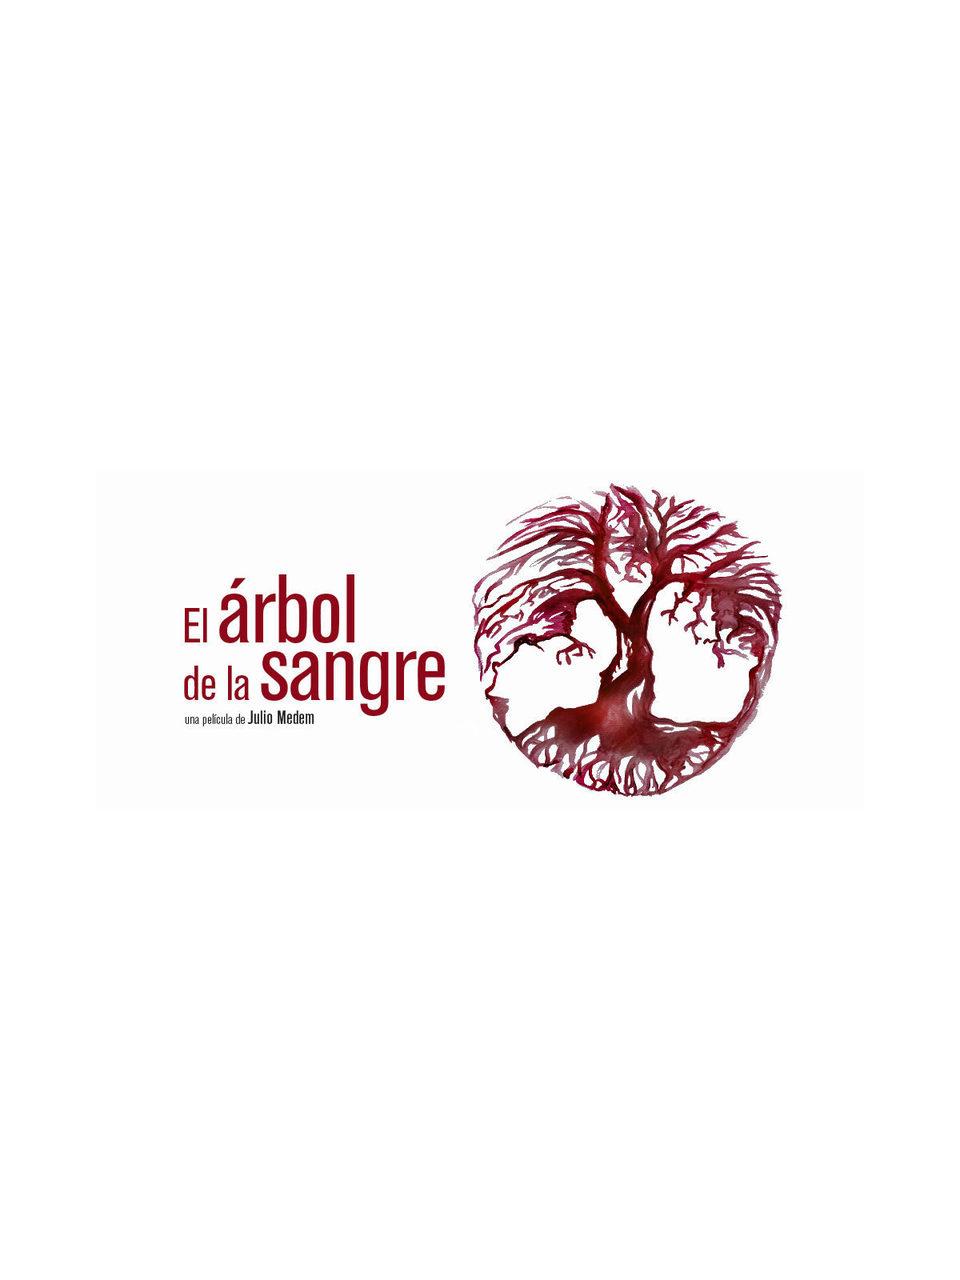 Cartel España de 'El árbol de la sangre'